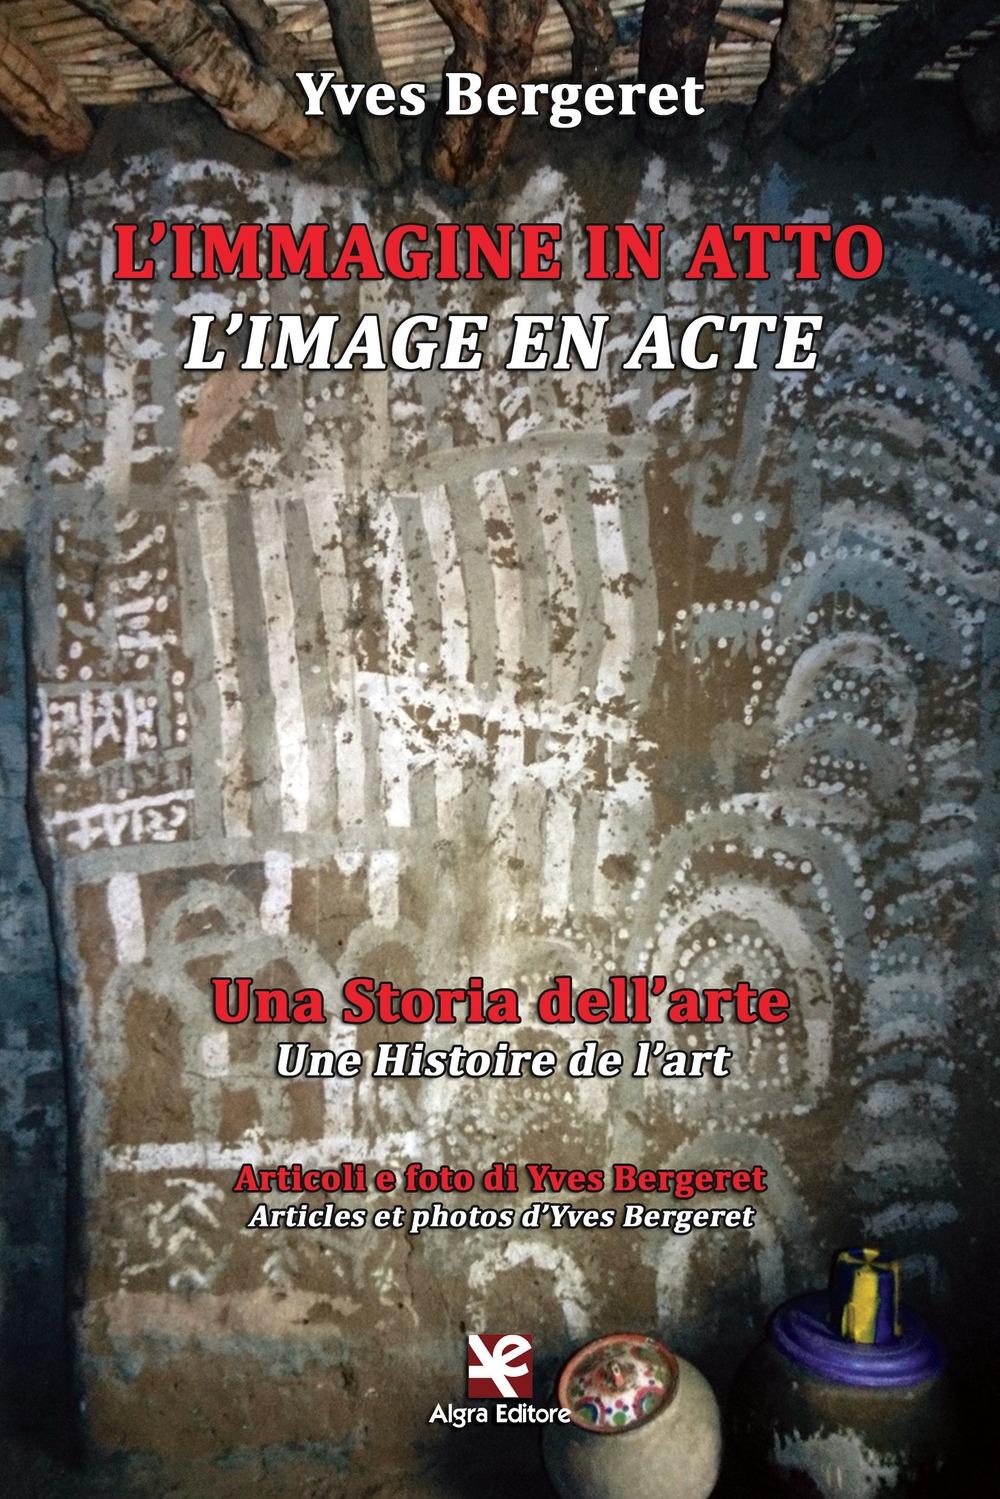 L'immagine in atto. Una storia dell'arte-L'image en acte. Une histoire de l'art. Ediz. bilingue